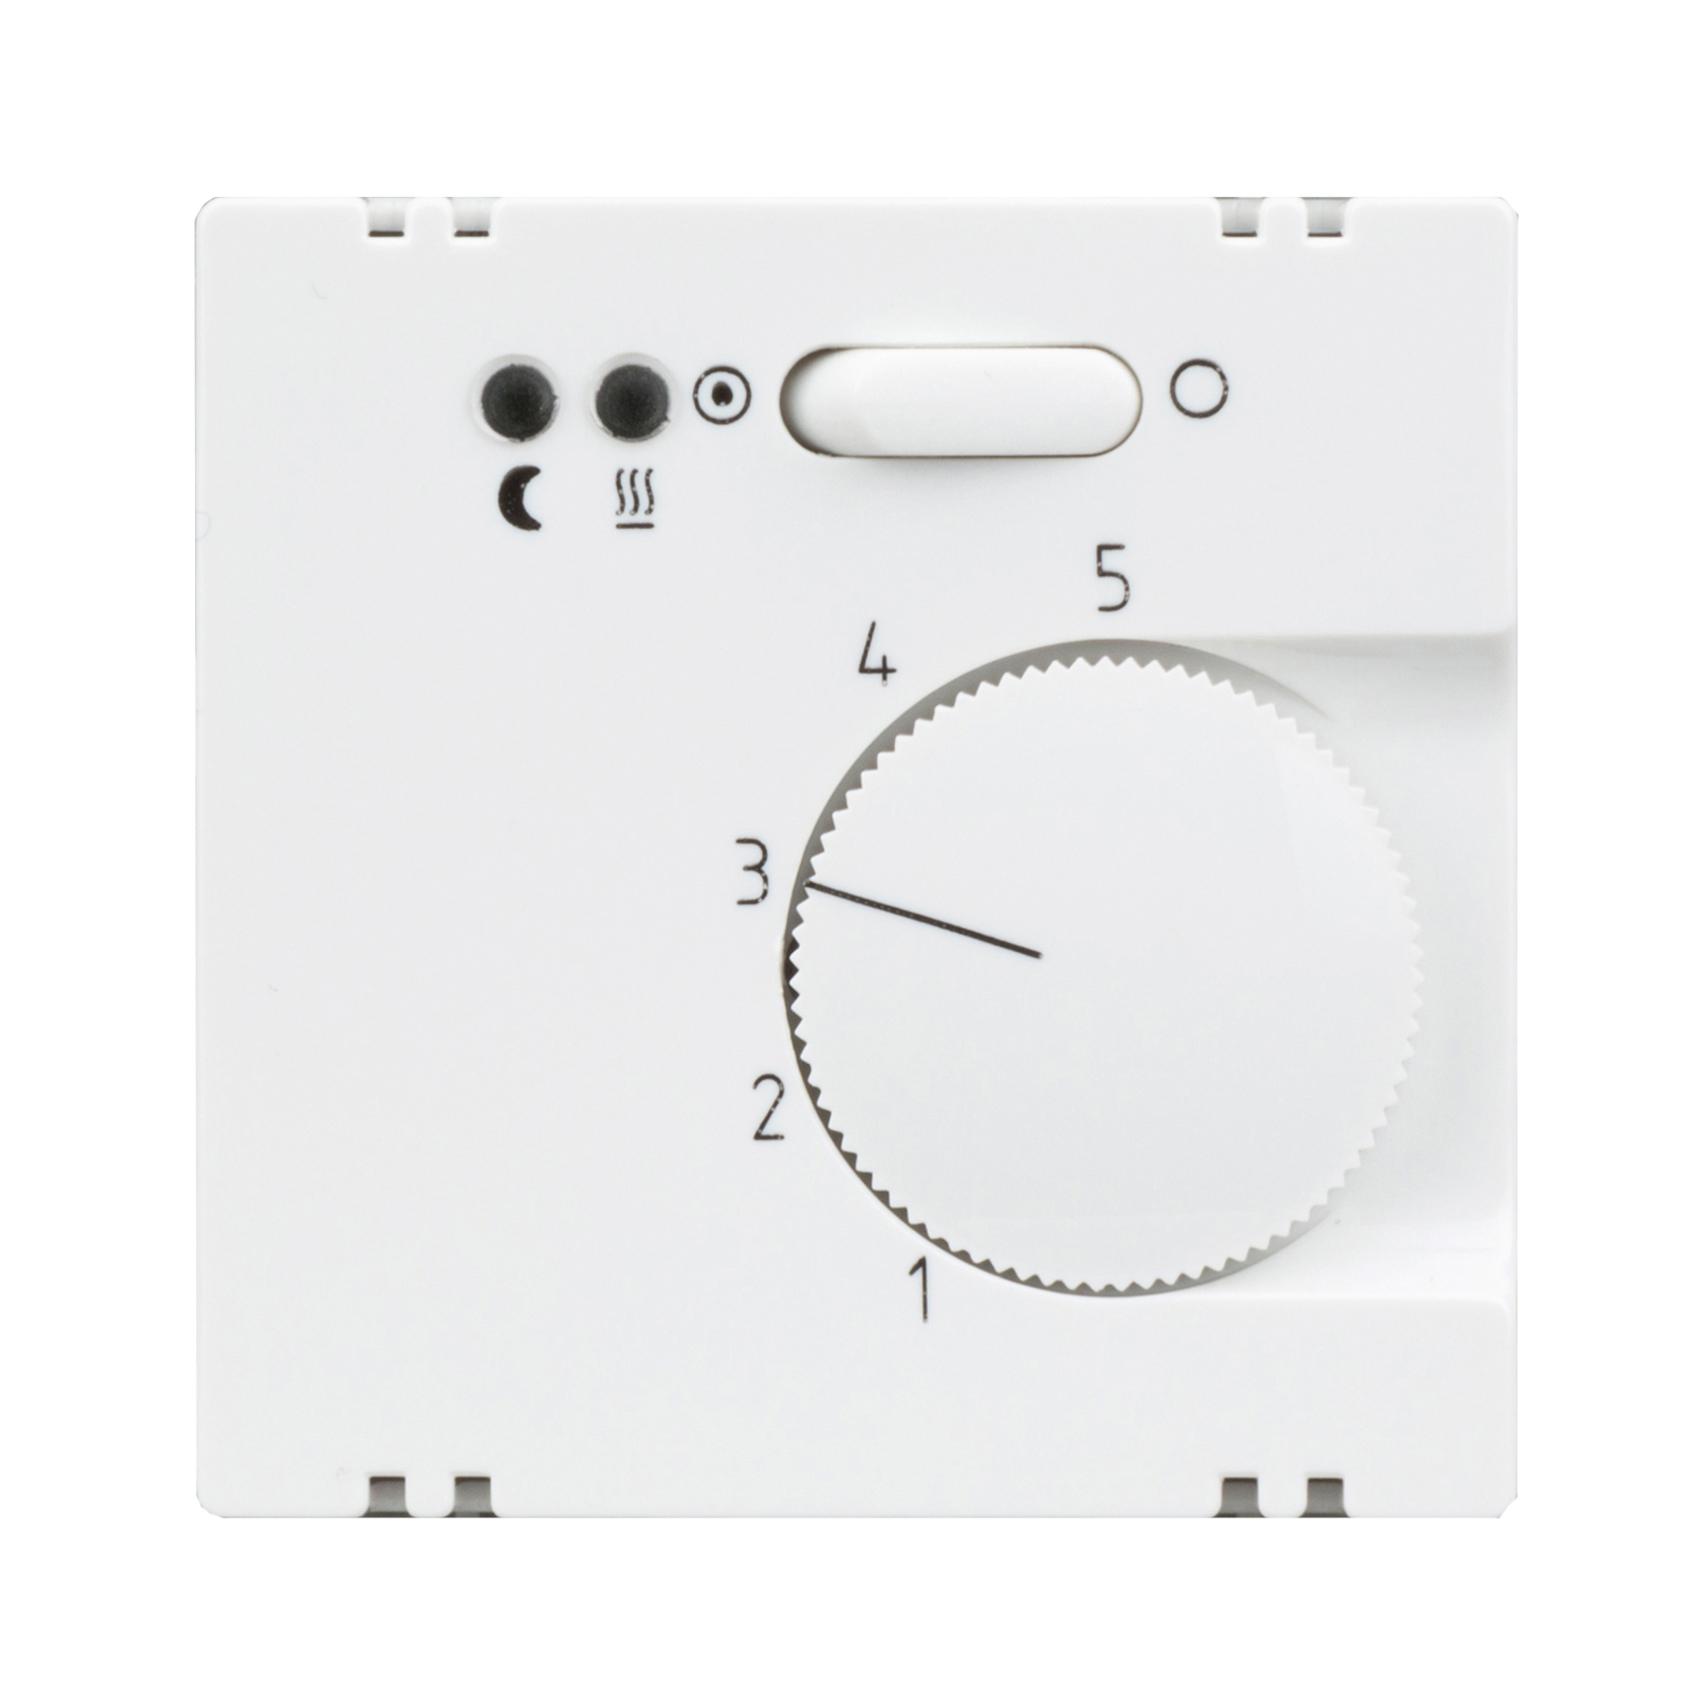 1 Stk Zentralplatte für Fußbodentemperaturregler-Einsatz  EL367204--